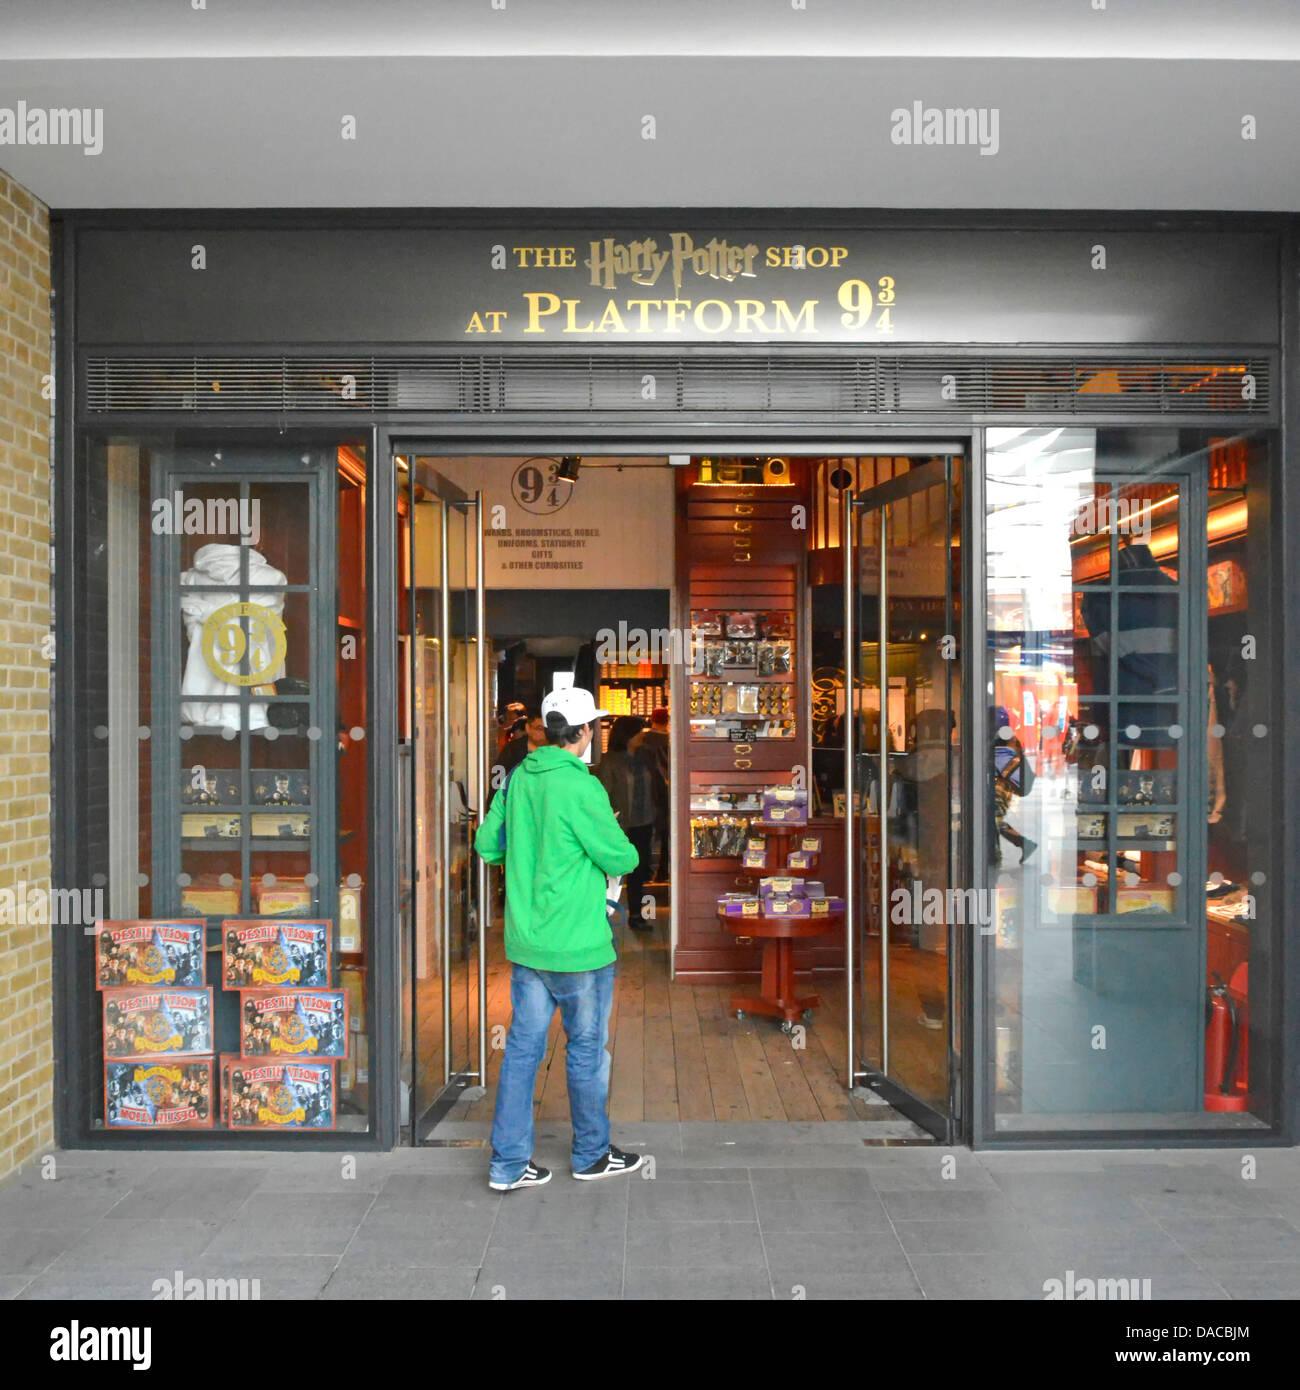 Harry Potter shop in corrispondenza della piattaforma 9 e tre quarti all'interno di Kings Cross stazione ferroviaria Immagini Stock